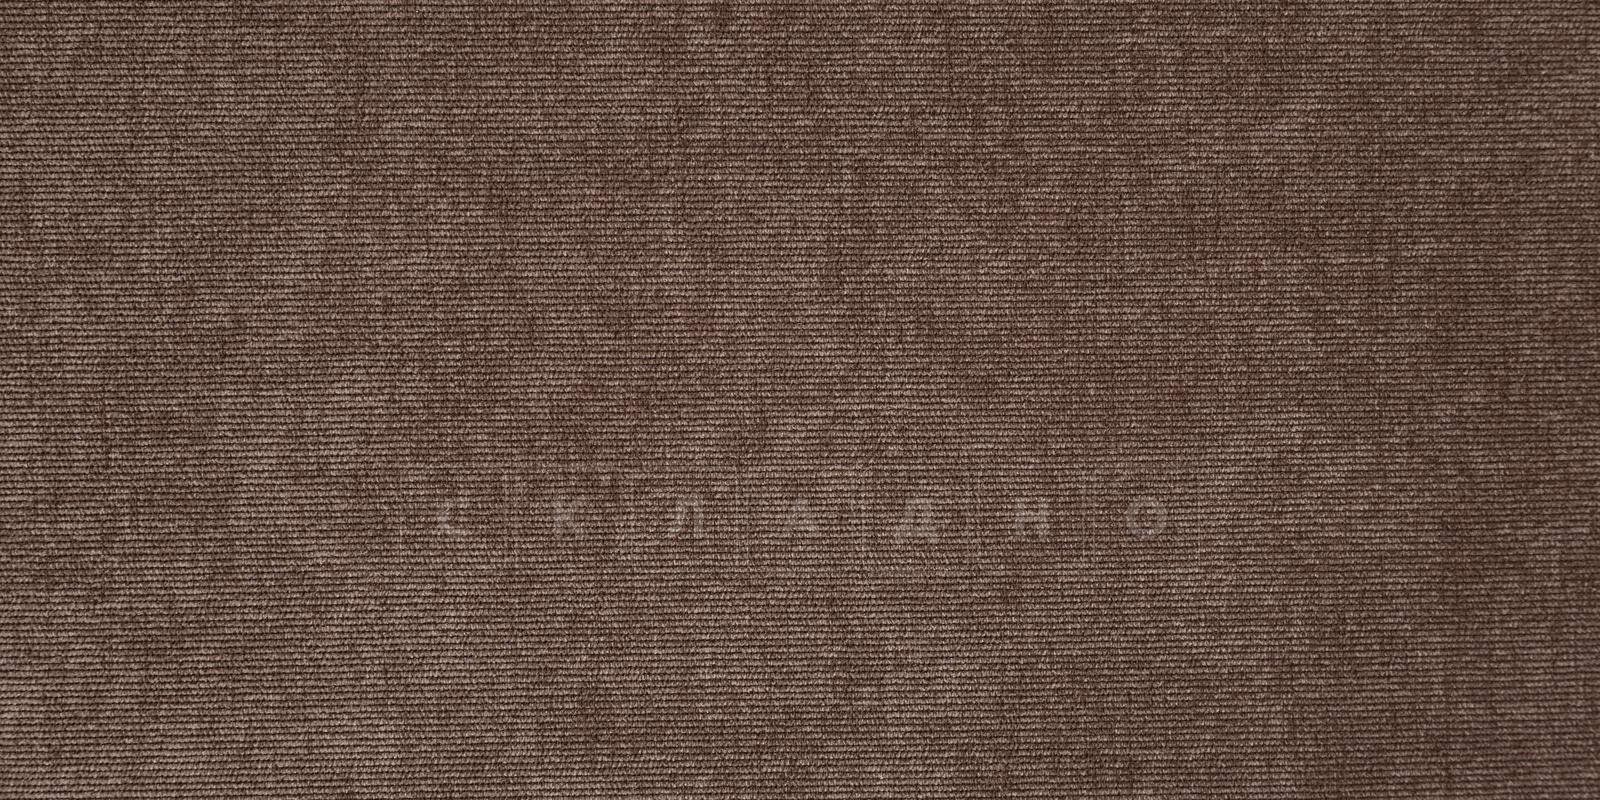 Диван Парма коричневый вельвет фото 6   интернет-магазин Складно